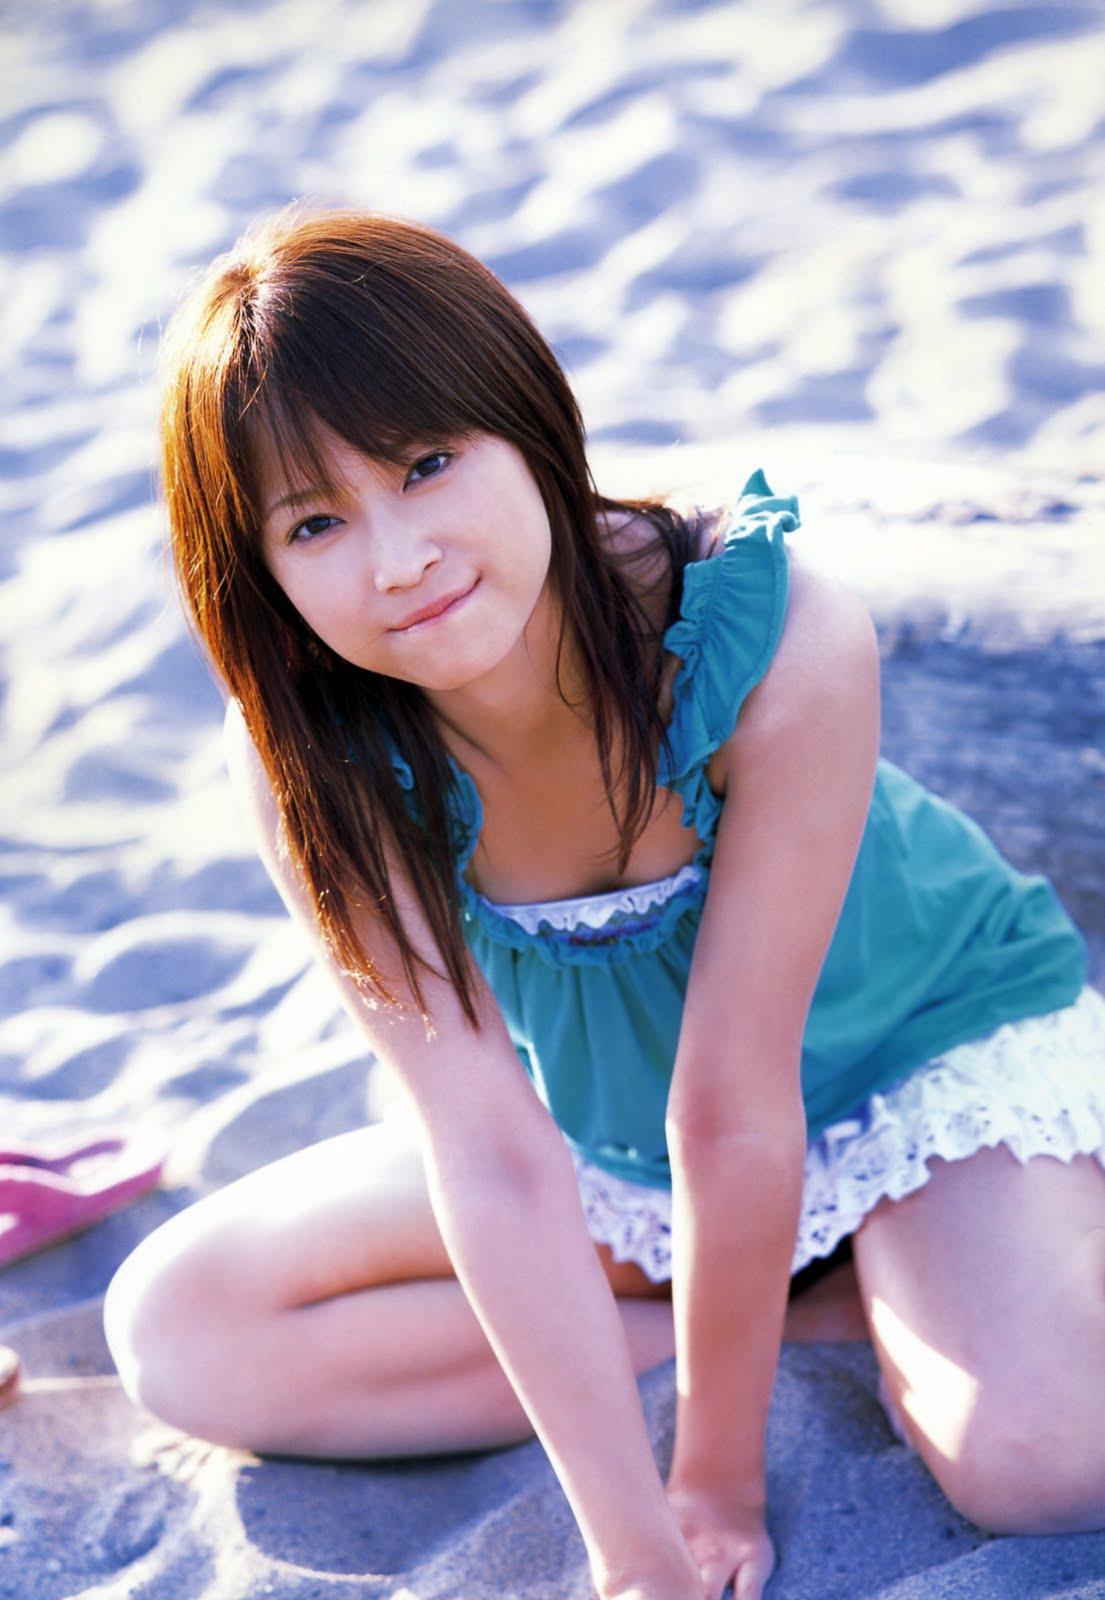 http://3.bp.blogspot.com/_AvqYvLHRAxM/SwP20kqviMI/AAAAAAAADhw/CfRMlqxMJjM/s1600/idol_eri_kamei_067.jpg